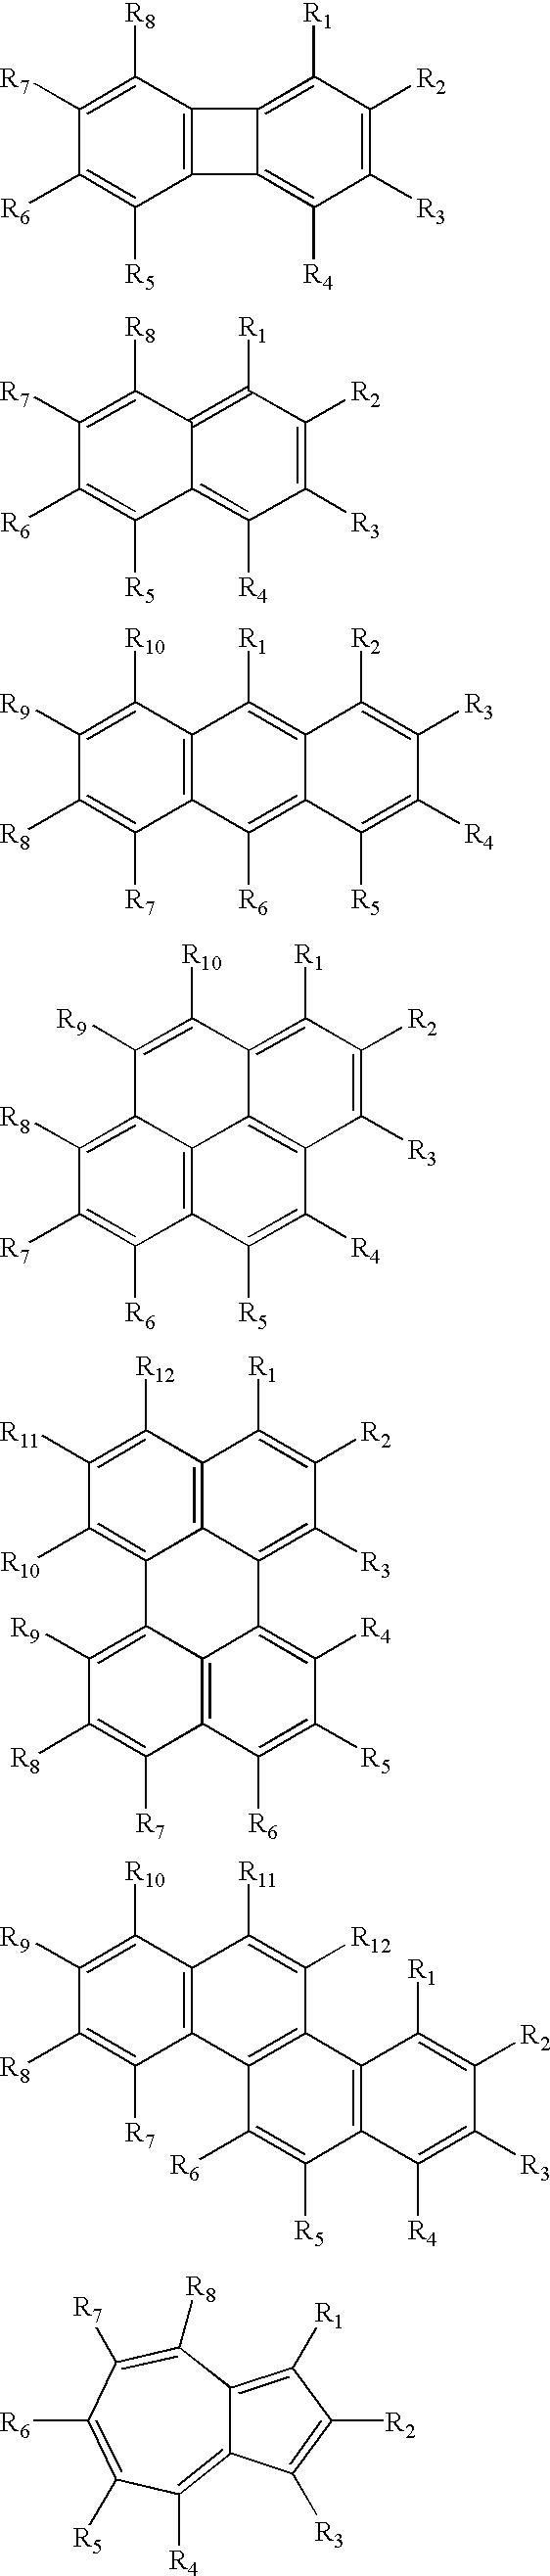 Figure US06765036-20040720-C00003